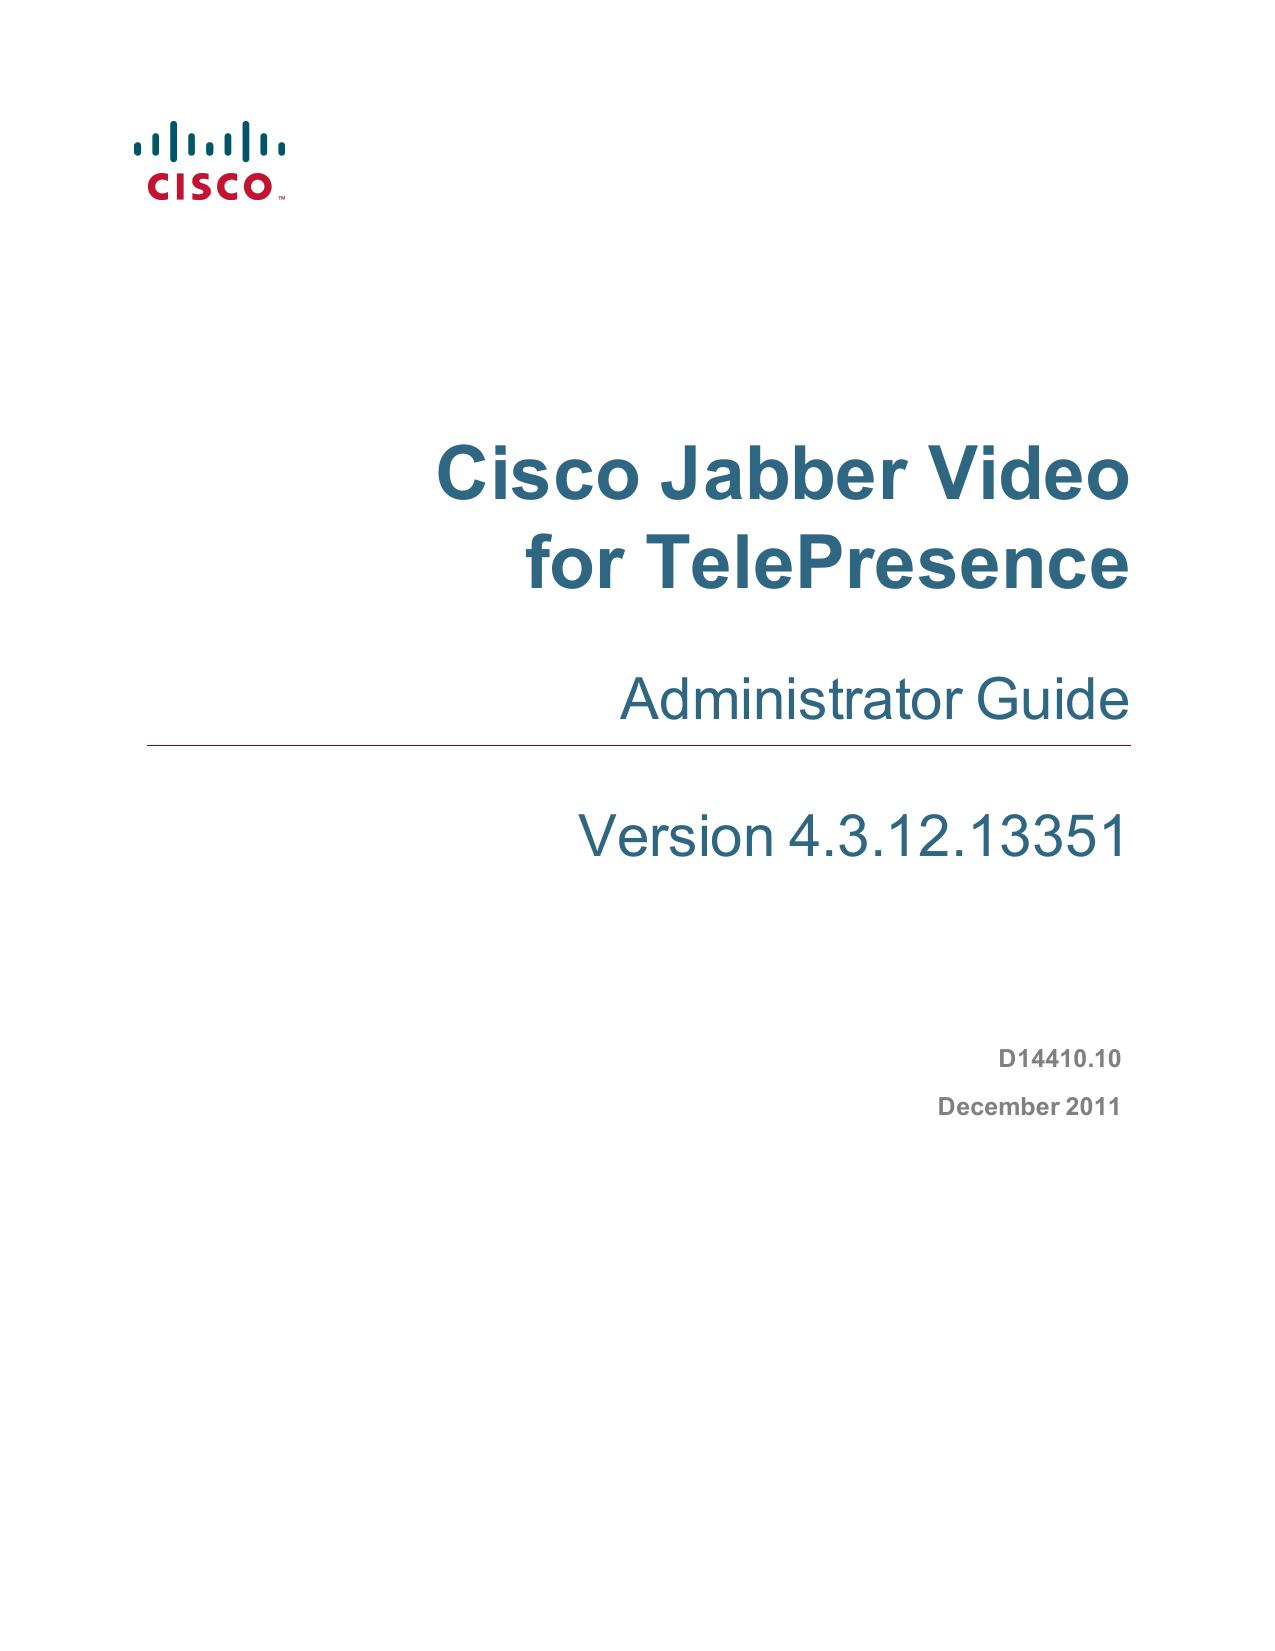 Cisco Jabber Video for TelePresence Administrator Guide (4 3